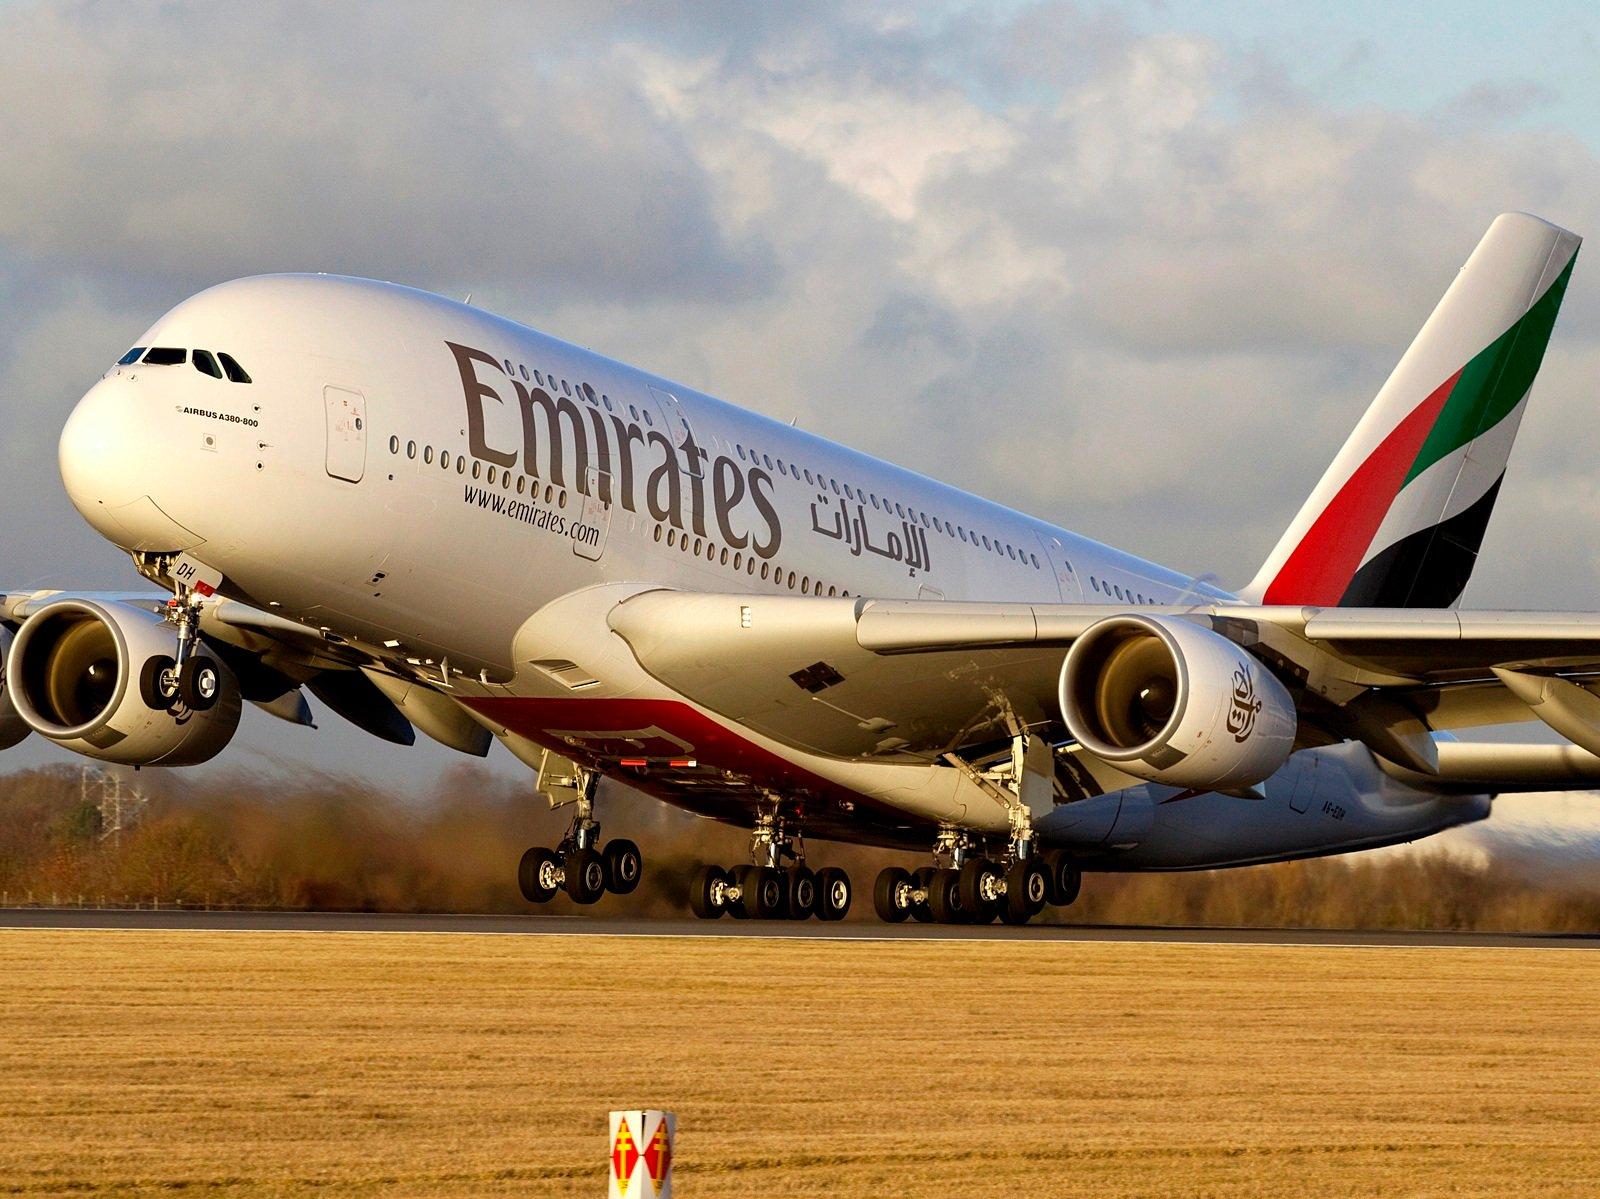 بالصور اكبر طائرة في العالم , تعرف على اكبر طائره فى العالم 6052 8